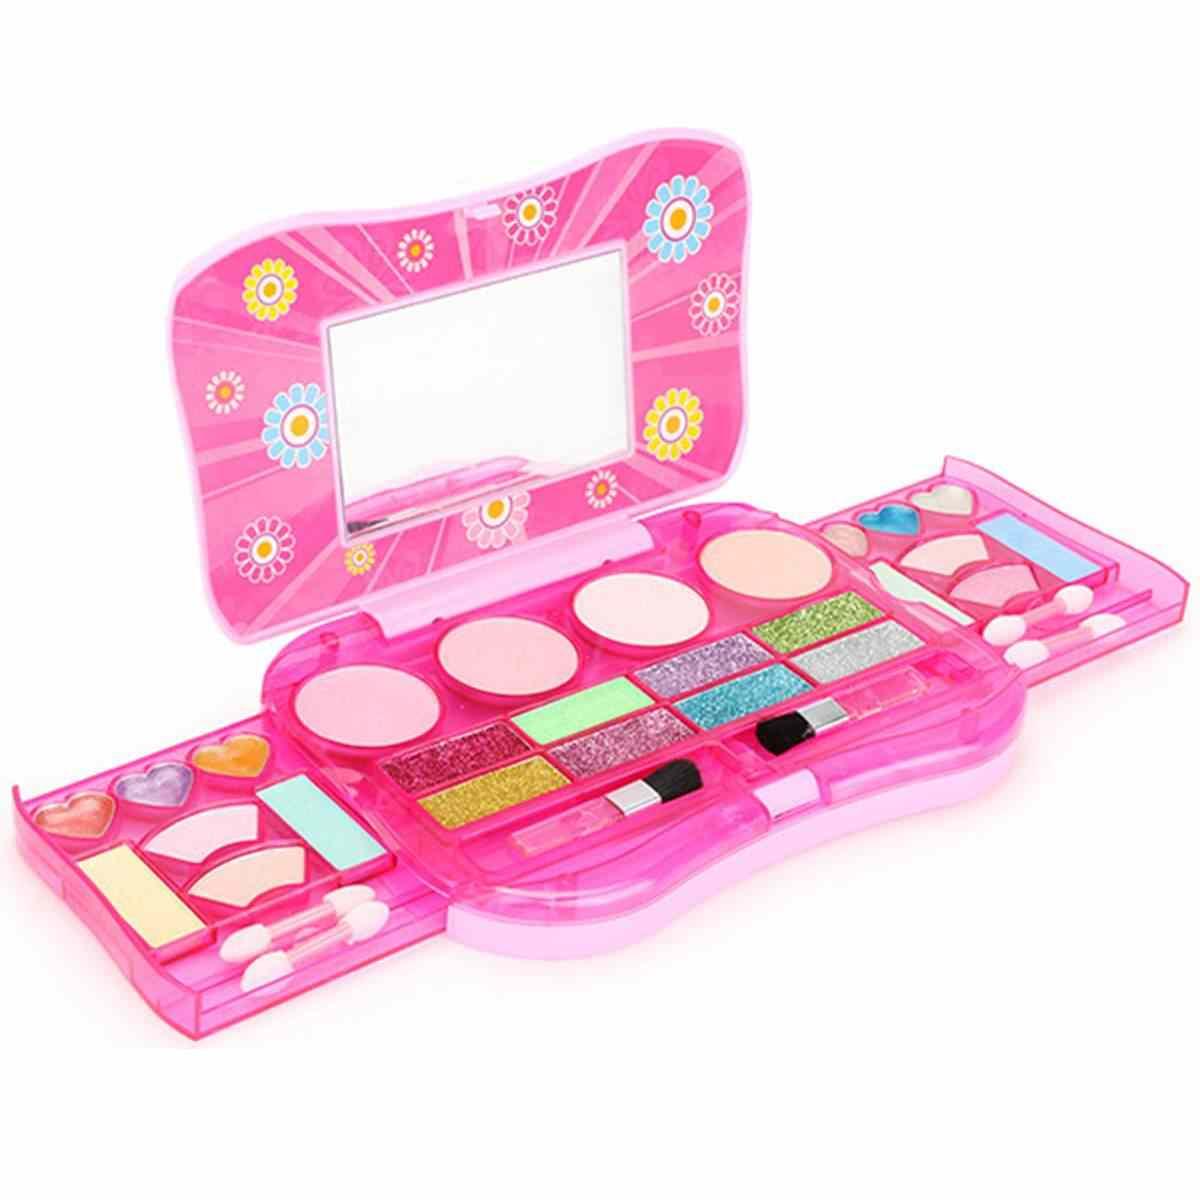 Наборы косметики для девочек принцесса купить набор детской косметики бонбоньерка купить